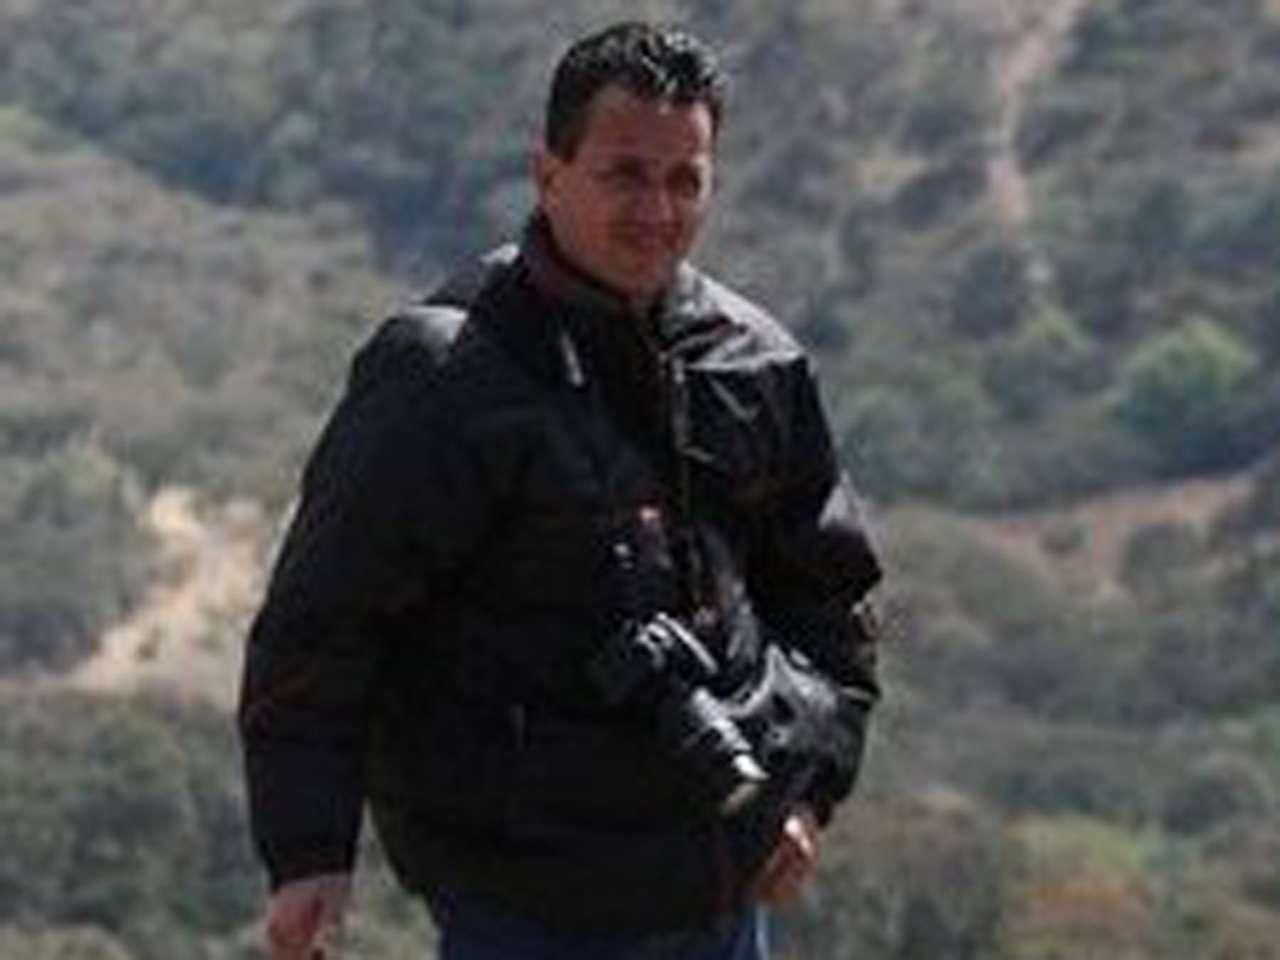 De acuerdo con los familiares del periodista no había señas de violencia ni huellas de disparo de arma de fuego Foto: Facebook/Cambio De Michoacán Periódico